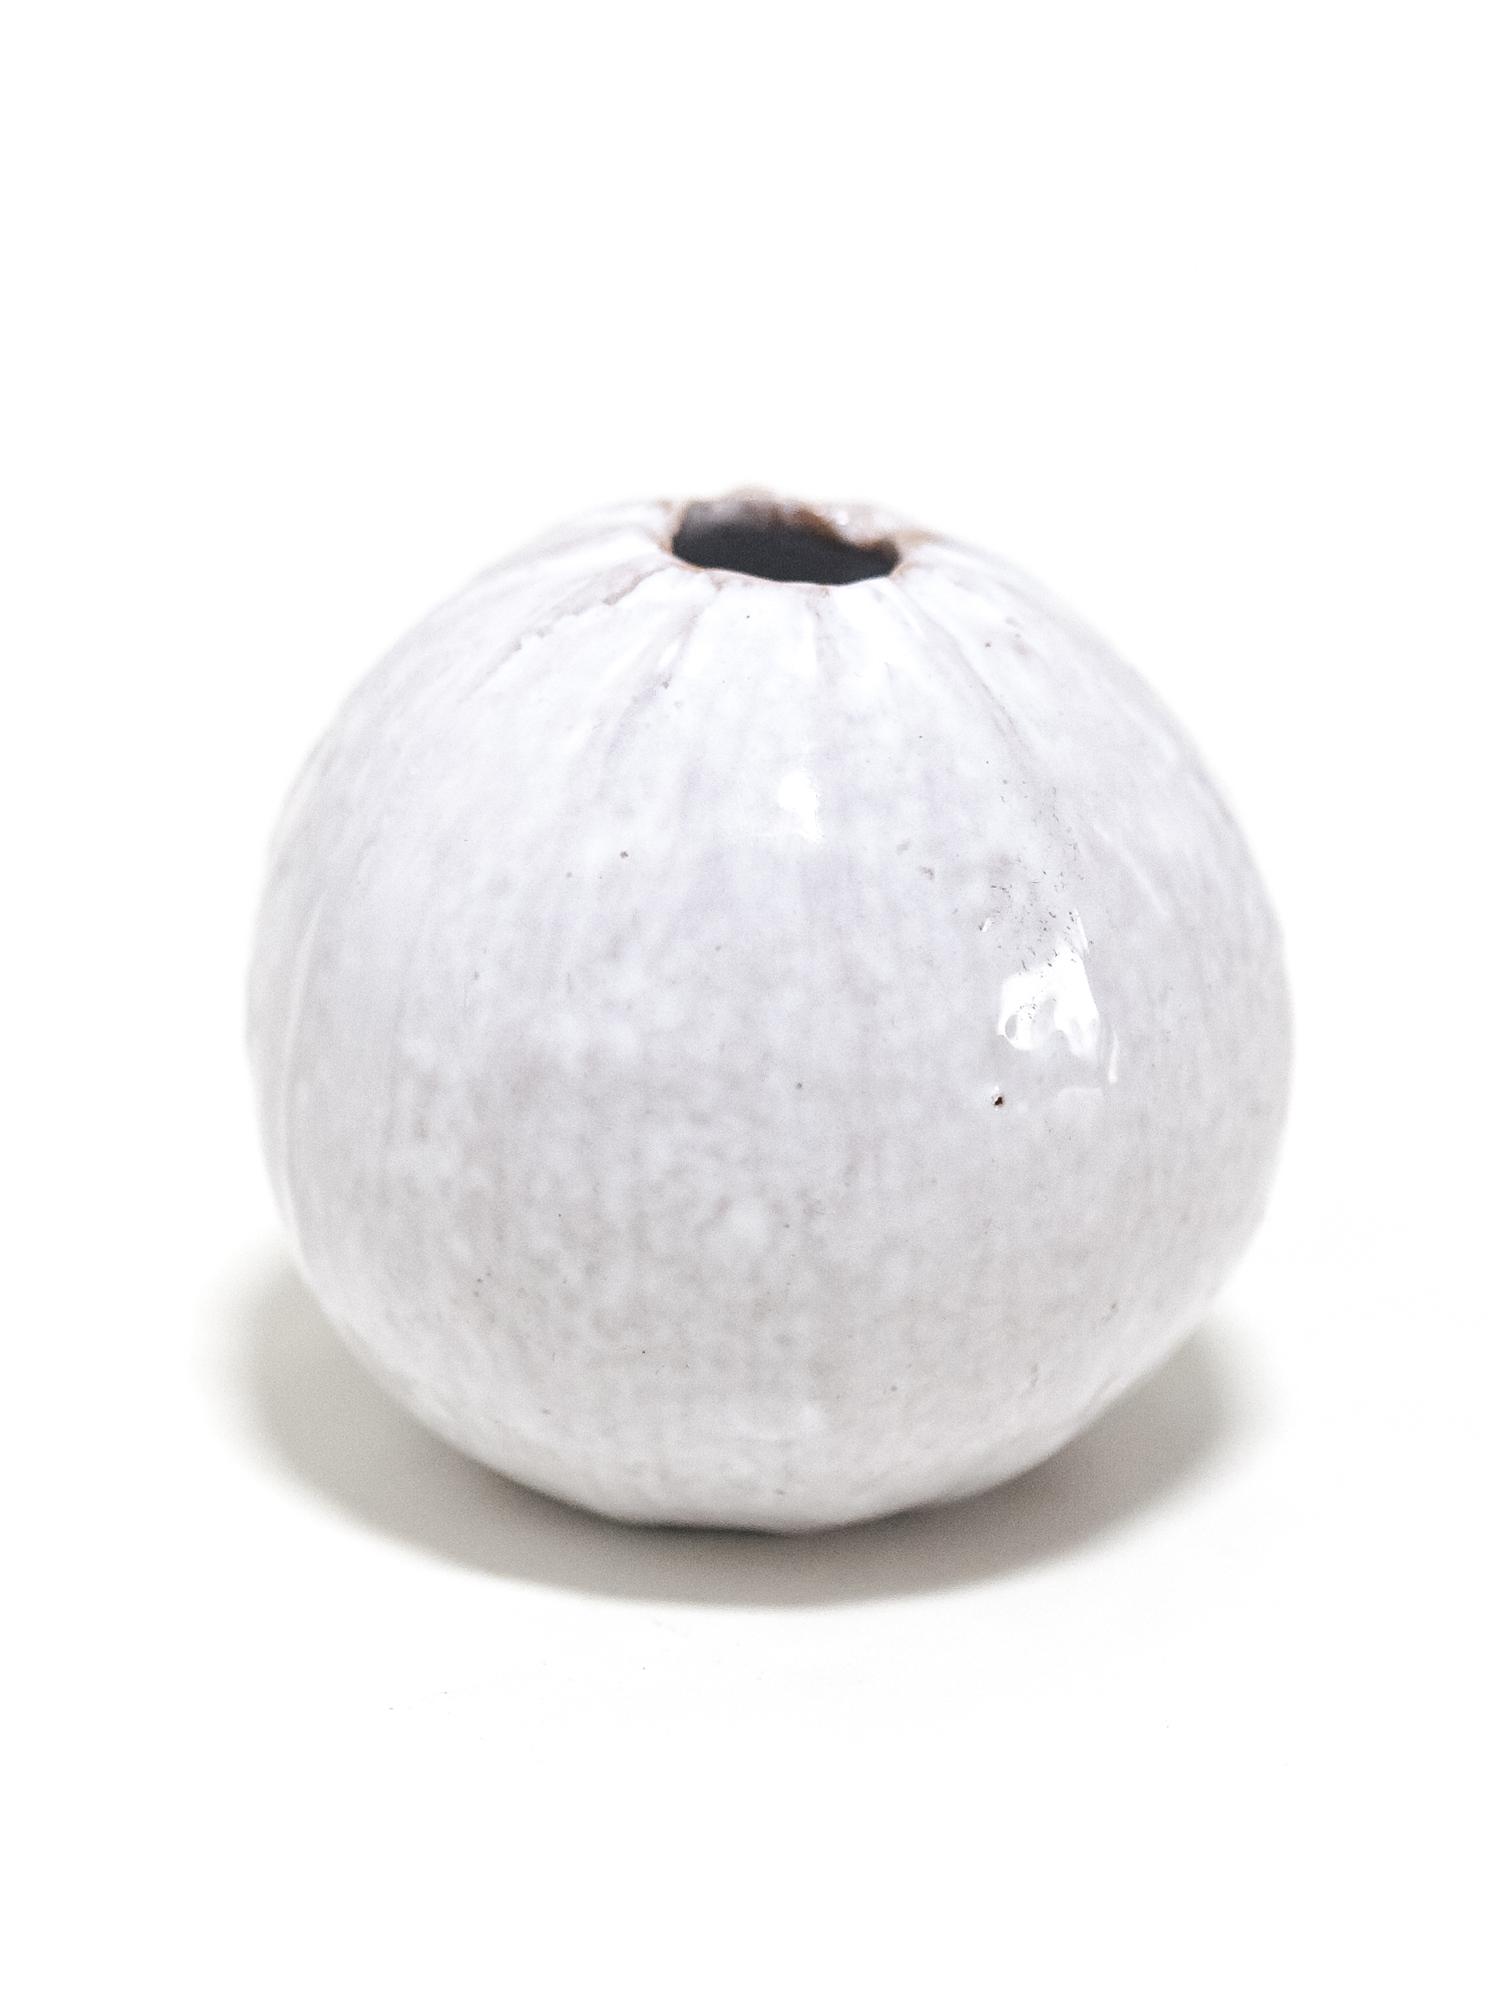 Immagine di zucchina bianca di ceramica su sfondo bianco.